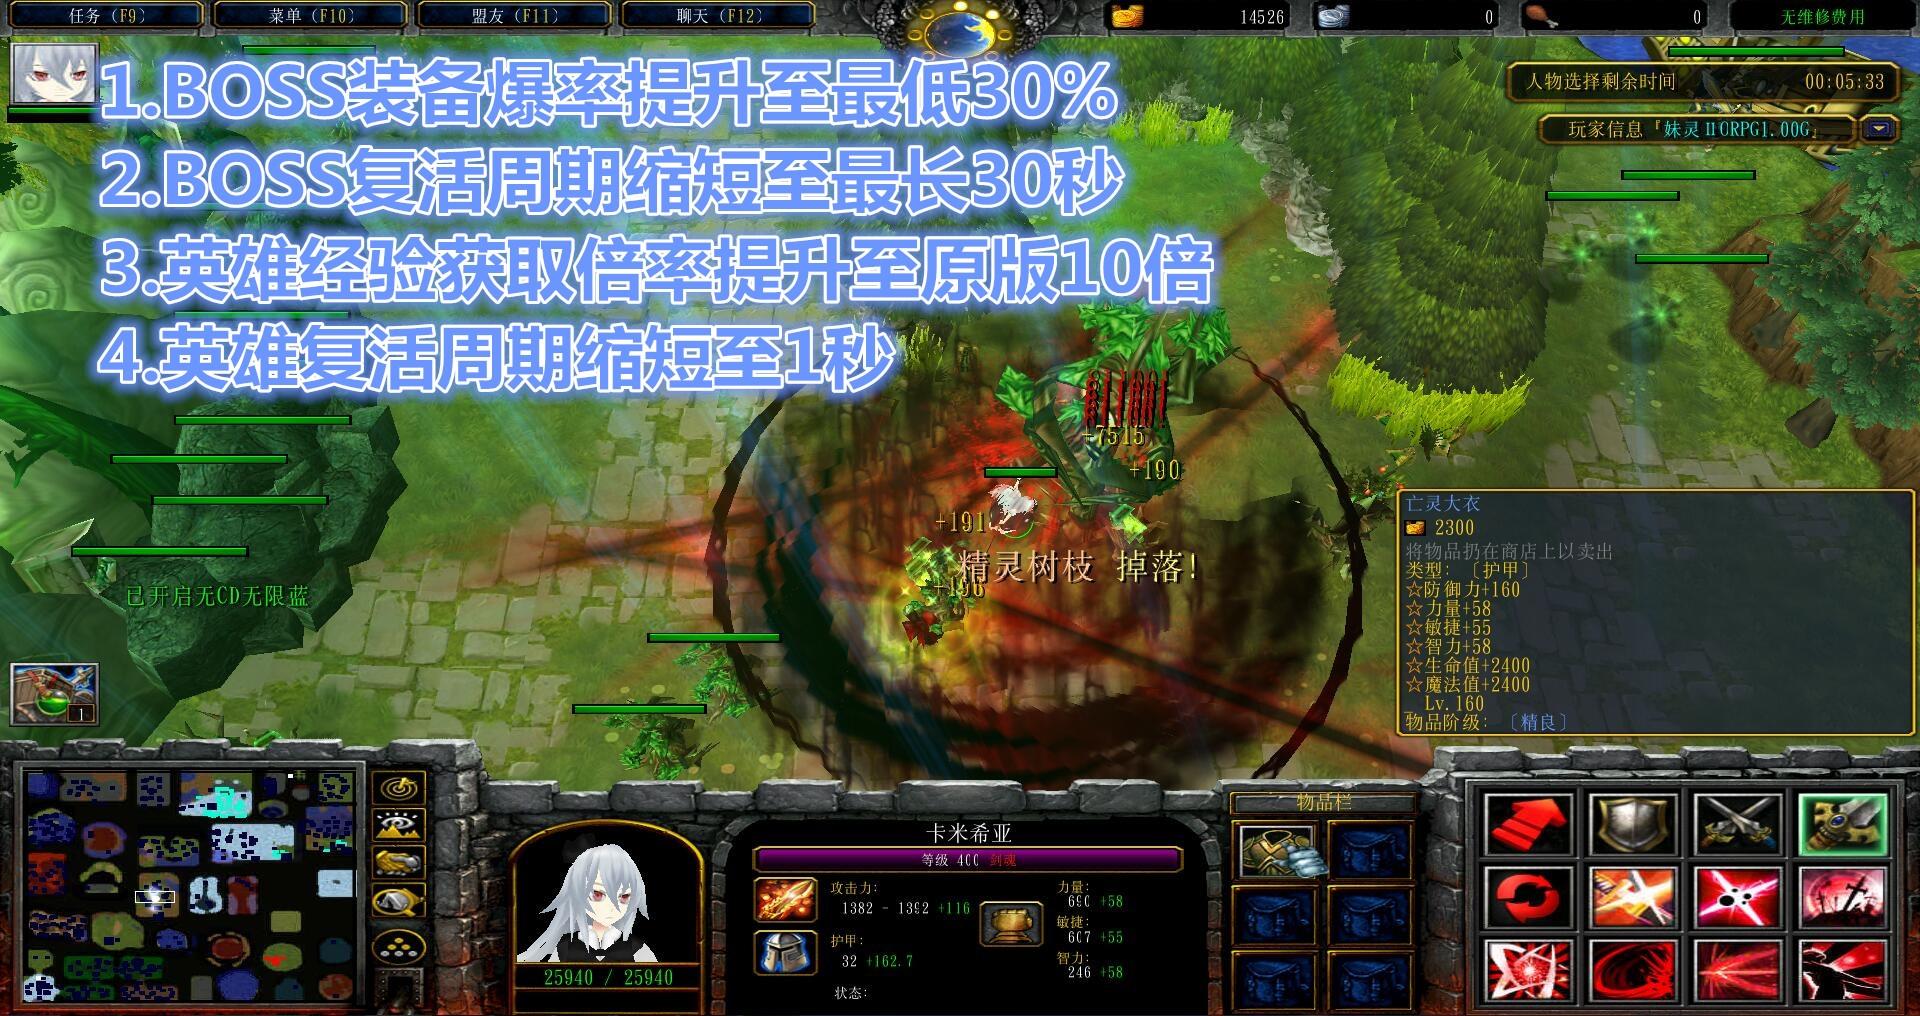 妹灵ⅡORPG1.00G黑式破解 可通档+装备高爆率+快速复活+无CD全屏闪+刷物品刷等级